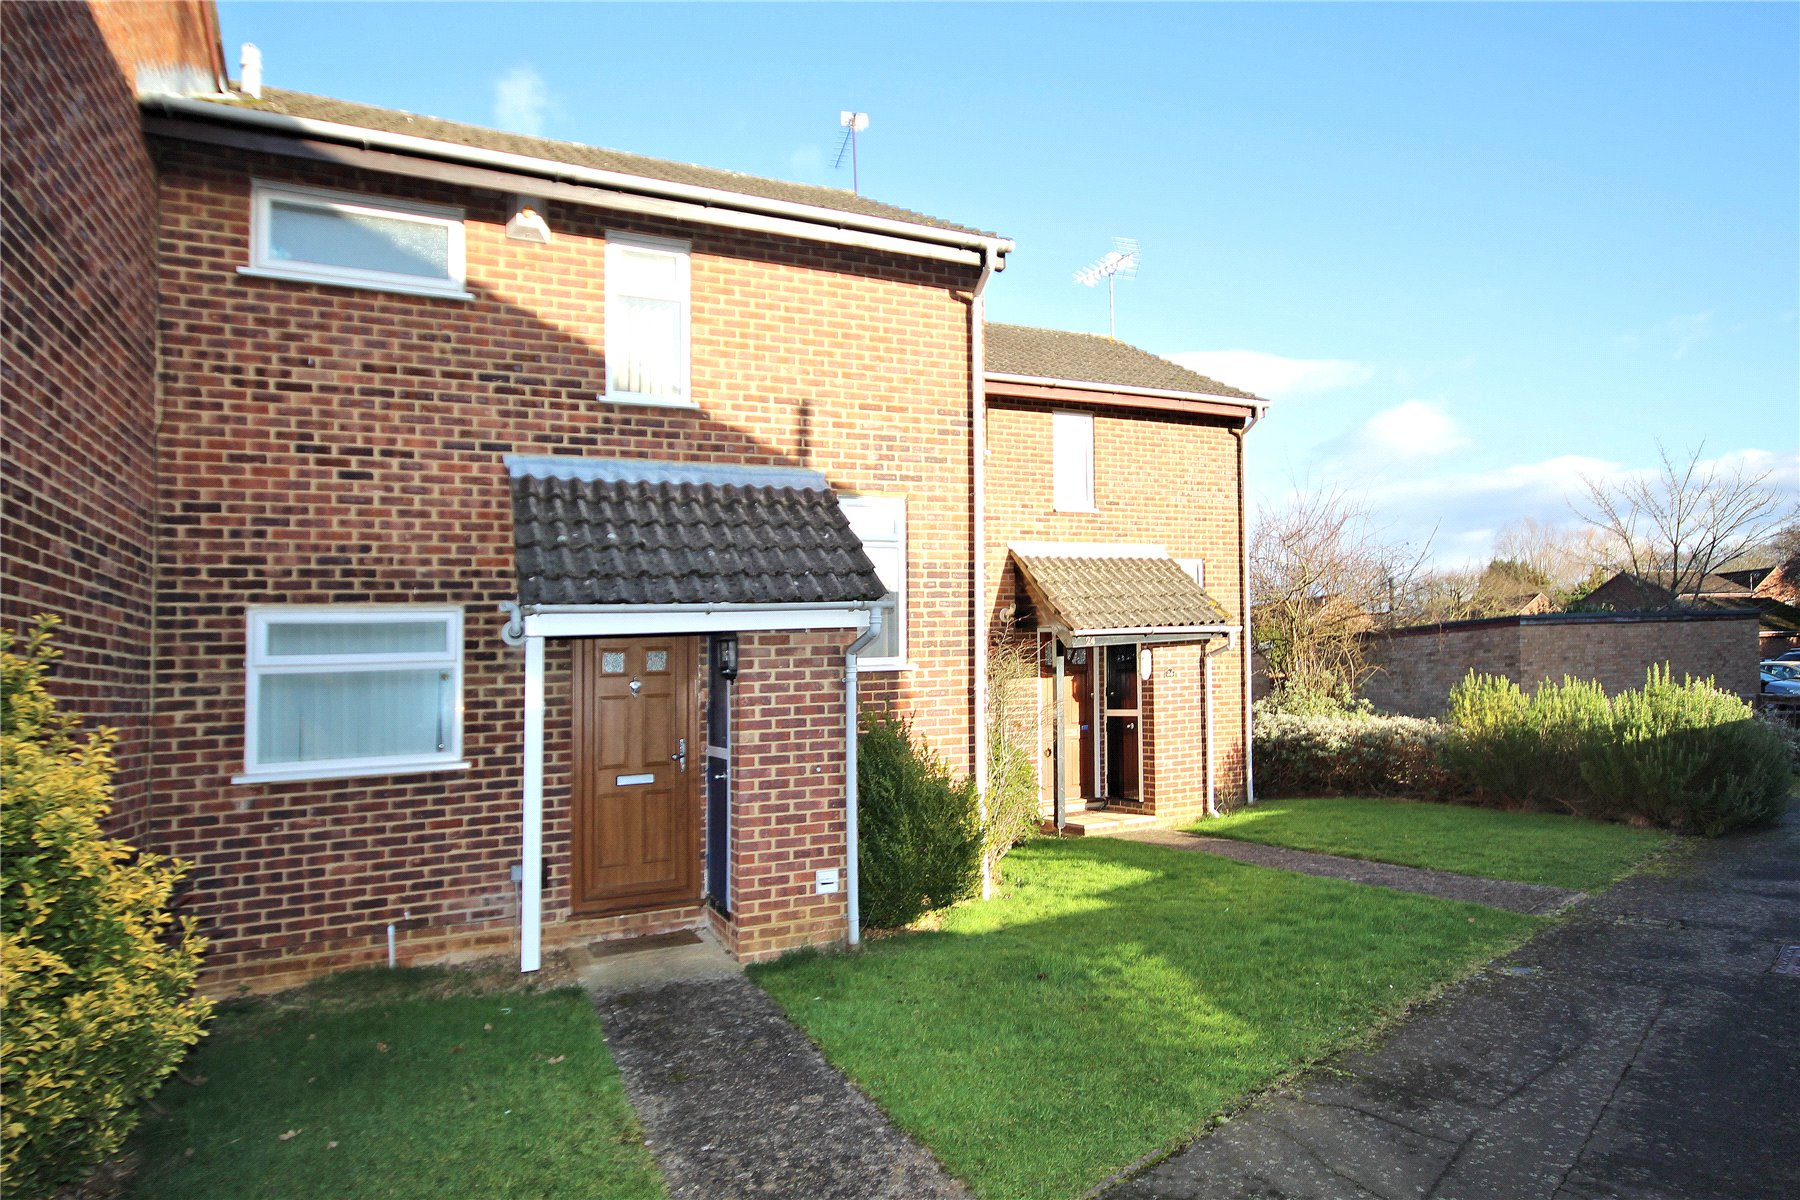 2 Bedrooms Terraced House for sale in Eastmead, Woking, Surrey, GU21